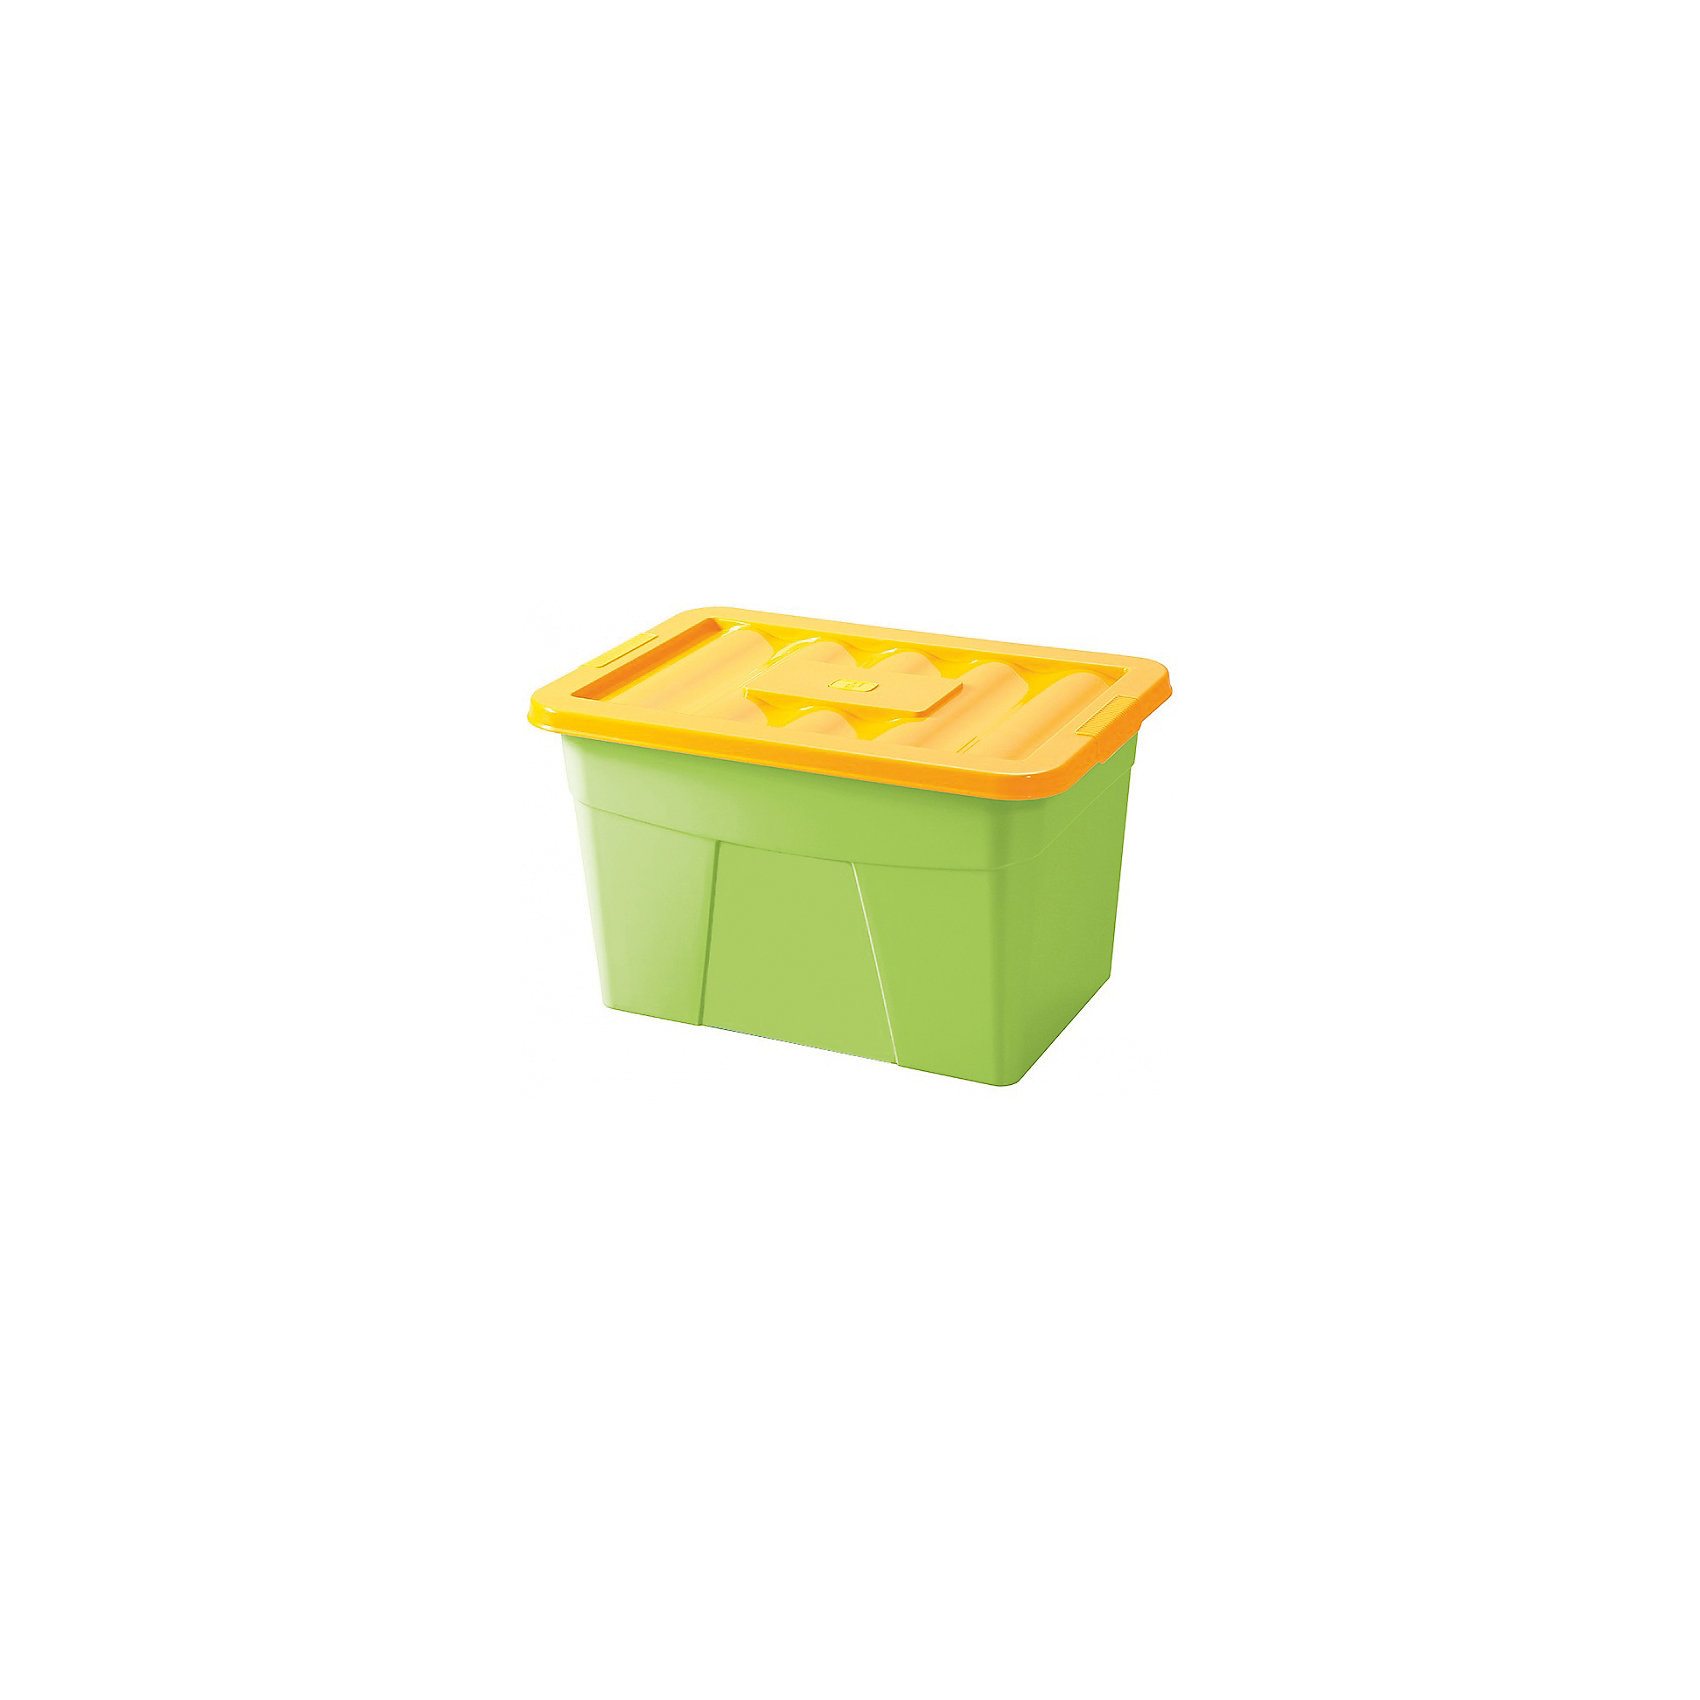 Ящик для игрушек на колесах 600х400х360 мм, Пластишка, зеленыйЯщик для игрушек на колесах 600х400х360 мм, Пластишка, зеленый - позволит приучить ребенка к уборке.<br>Контейнер изготовлен из качественного пластика, не токсичен для малышей. Вместительный, но в тоже время очень компактный ящик с крышечкой. Подойдет для упаковки игрушек, одежды, аксессуаров. Благодаря колесикам легко перемещается по комнате. Легкое скольжение позволит малышу самому привозить и увозить ящик.<br><br>Дополнительная информация: <br><br>- материал: полипропилен<br>- цвет: зеленый<br>- размер: 600х400х360 мм<br><br>Ящик для игрушек на колесах 600х400х360 мм, Пластишка, зеленый можно купить в нашем интернет магазине.<br><br>Ширина мм: 580<br>Глубина мм: 400<br>Высота мм: 650<br>Вес г: 1900<br>Возраст от месяцев: 12<br>Возраст до месяцев: 72<br>Пол: Унисекс<br>Возраст: Детский<br>SKU: 4972220